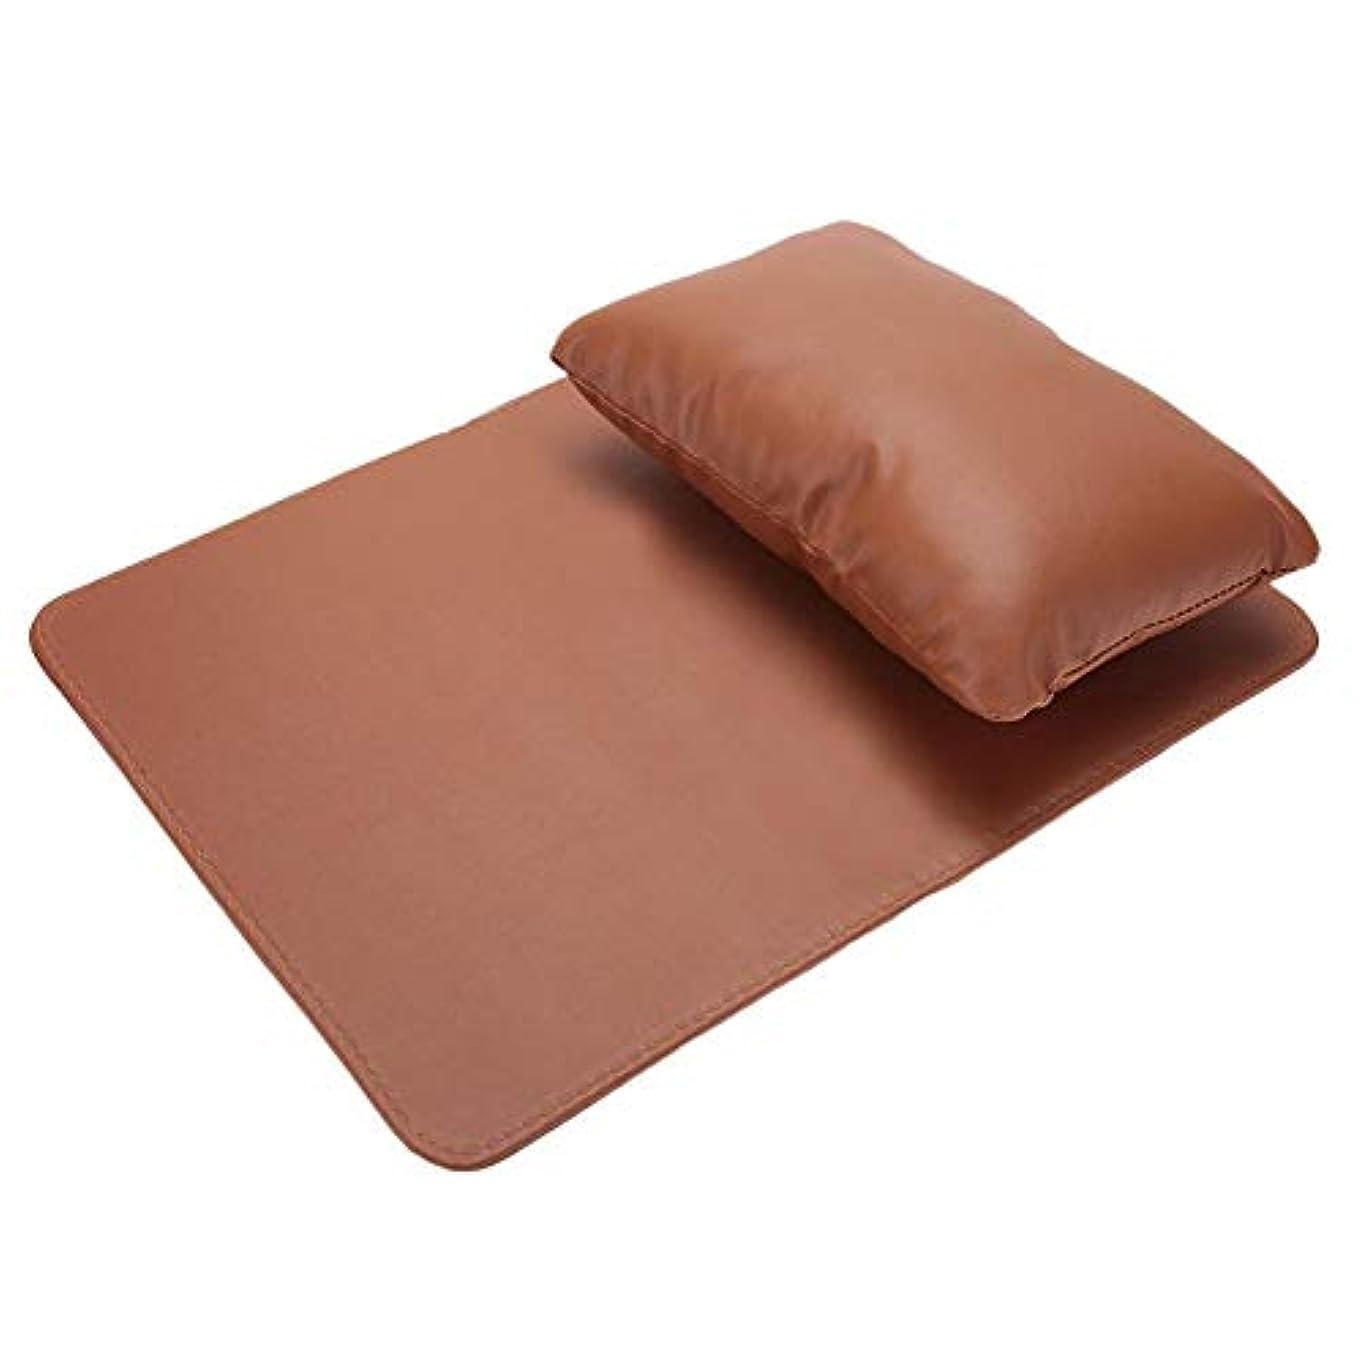 ネイルアートハンド枕、ハンドクッションレストマニキュアサロン美容ソフトPUレザー洗えるハンドレスト枕とマニキュアテーブルマット(Coffee)